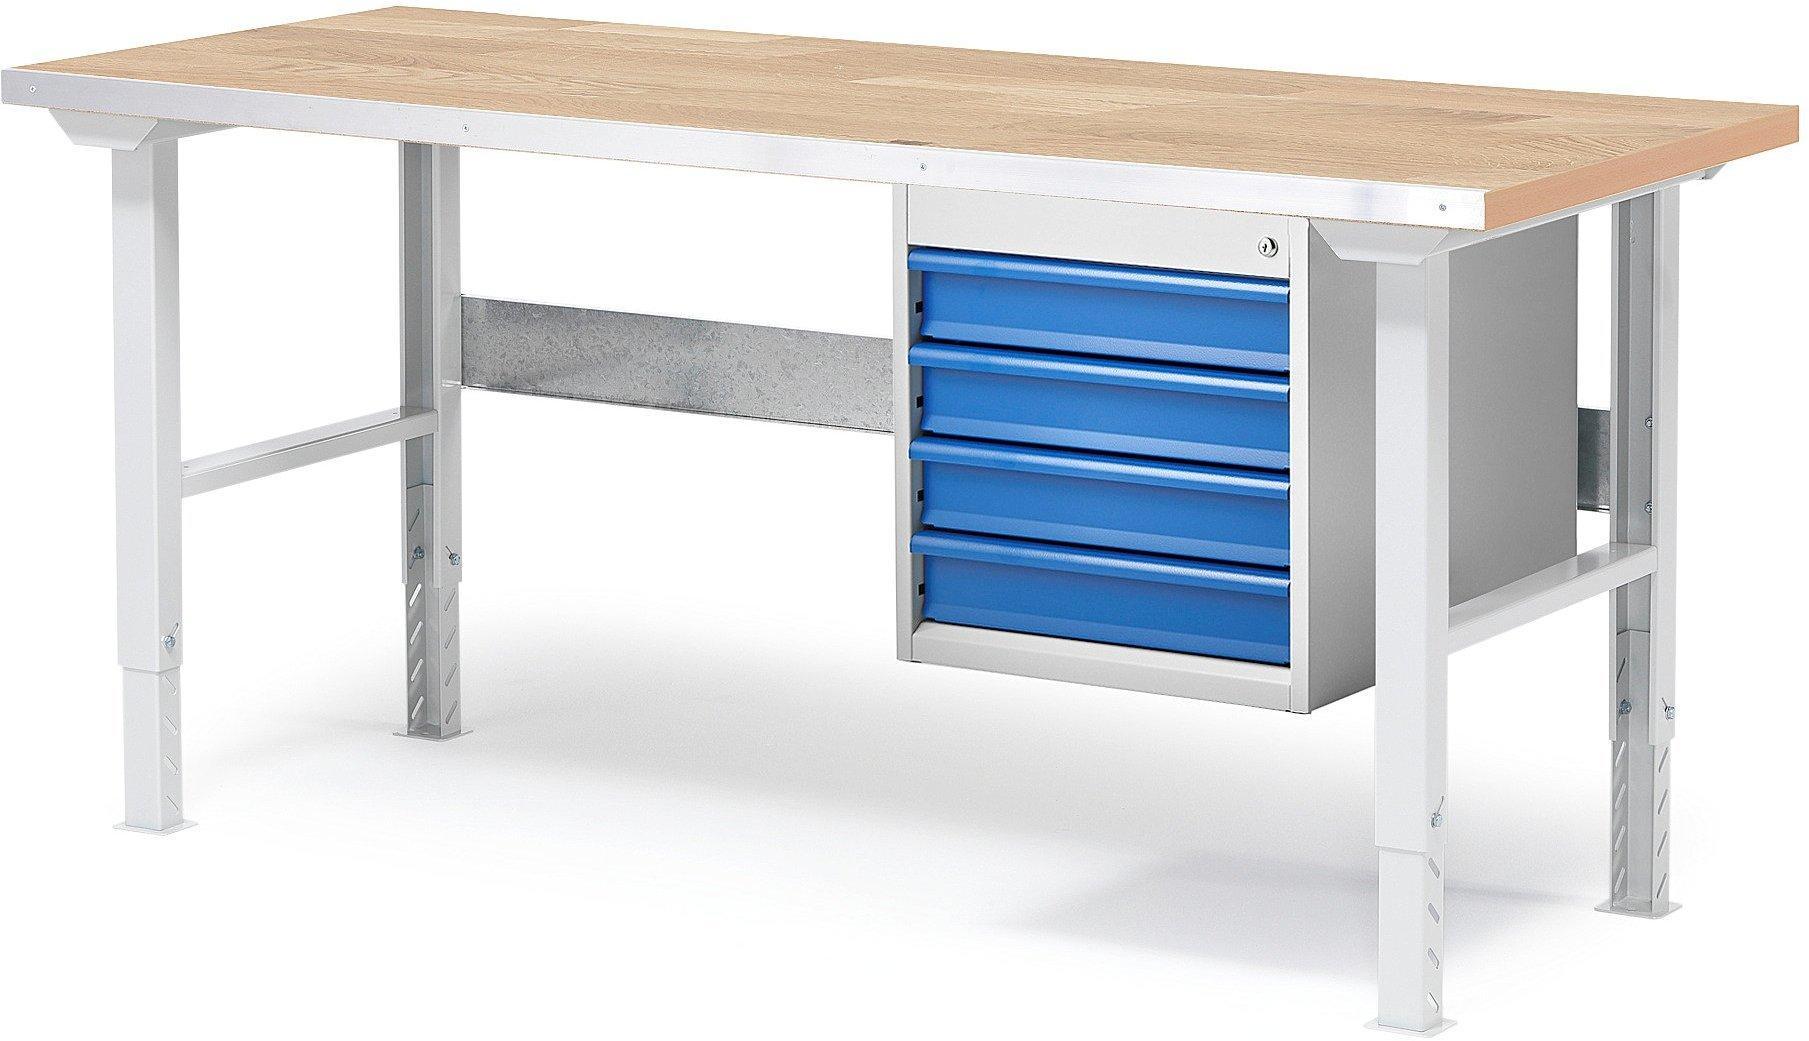 Dielenský stôl Solid so 4 zásuvkami, 1500x800 mm, nosnosť 750 kg, dub